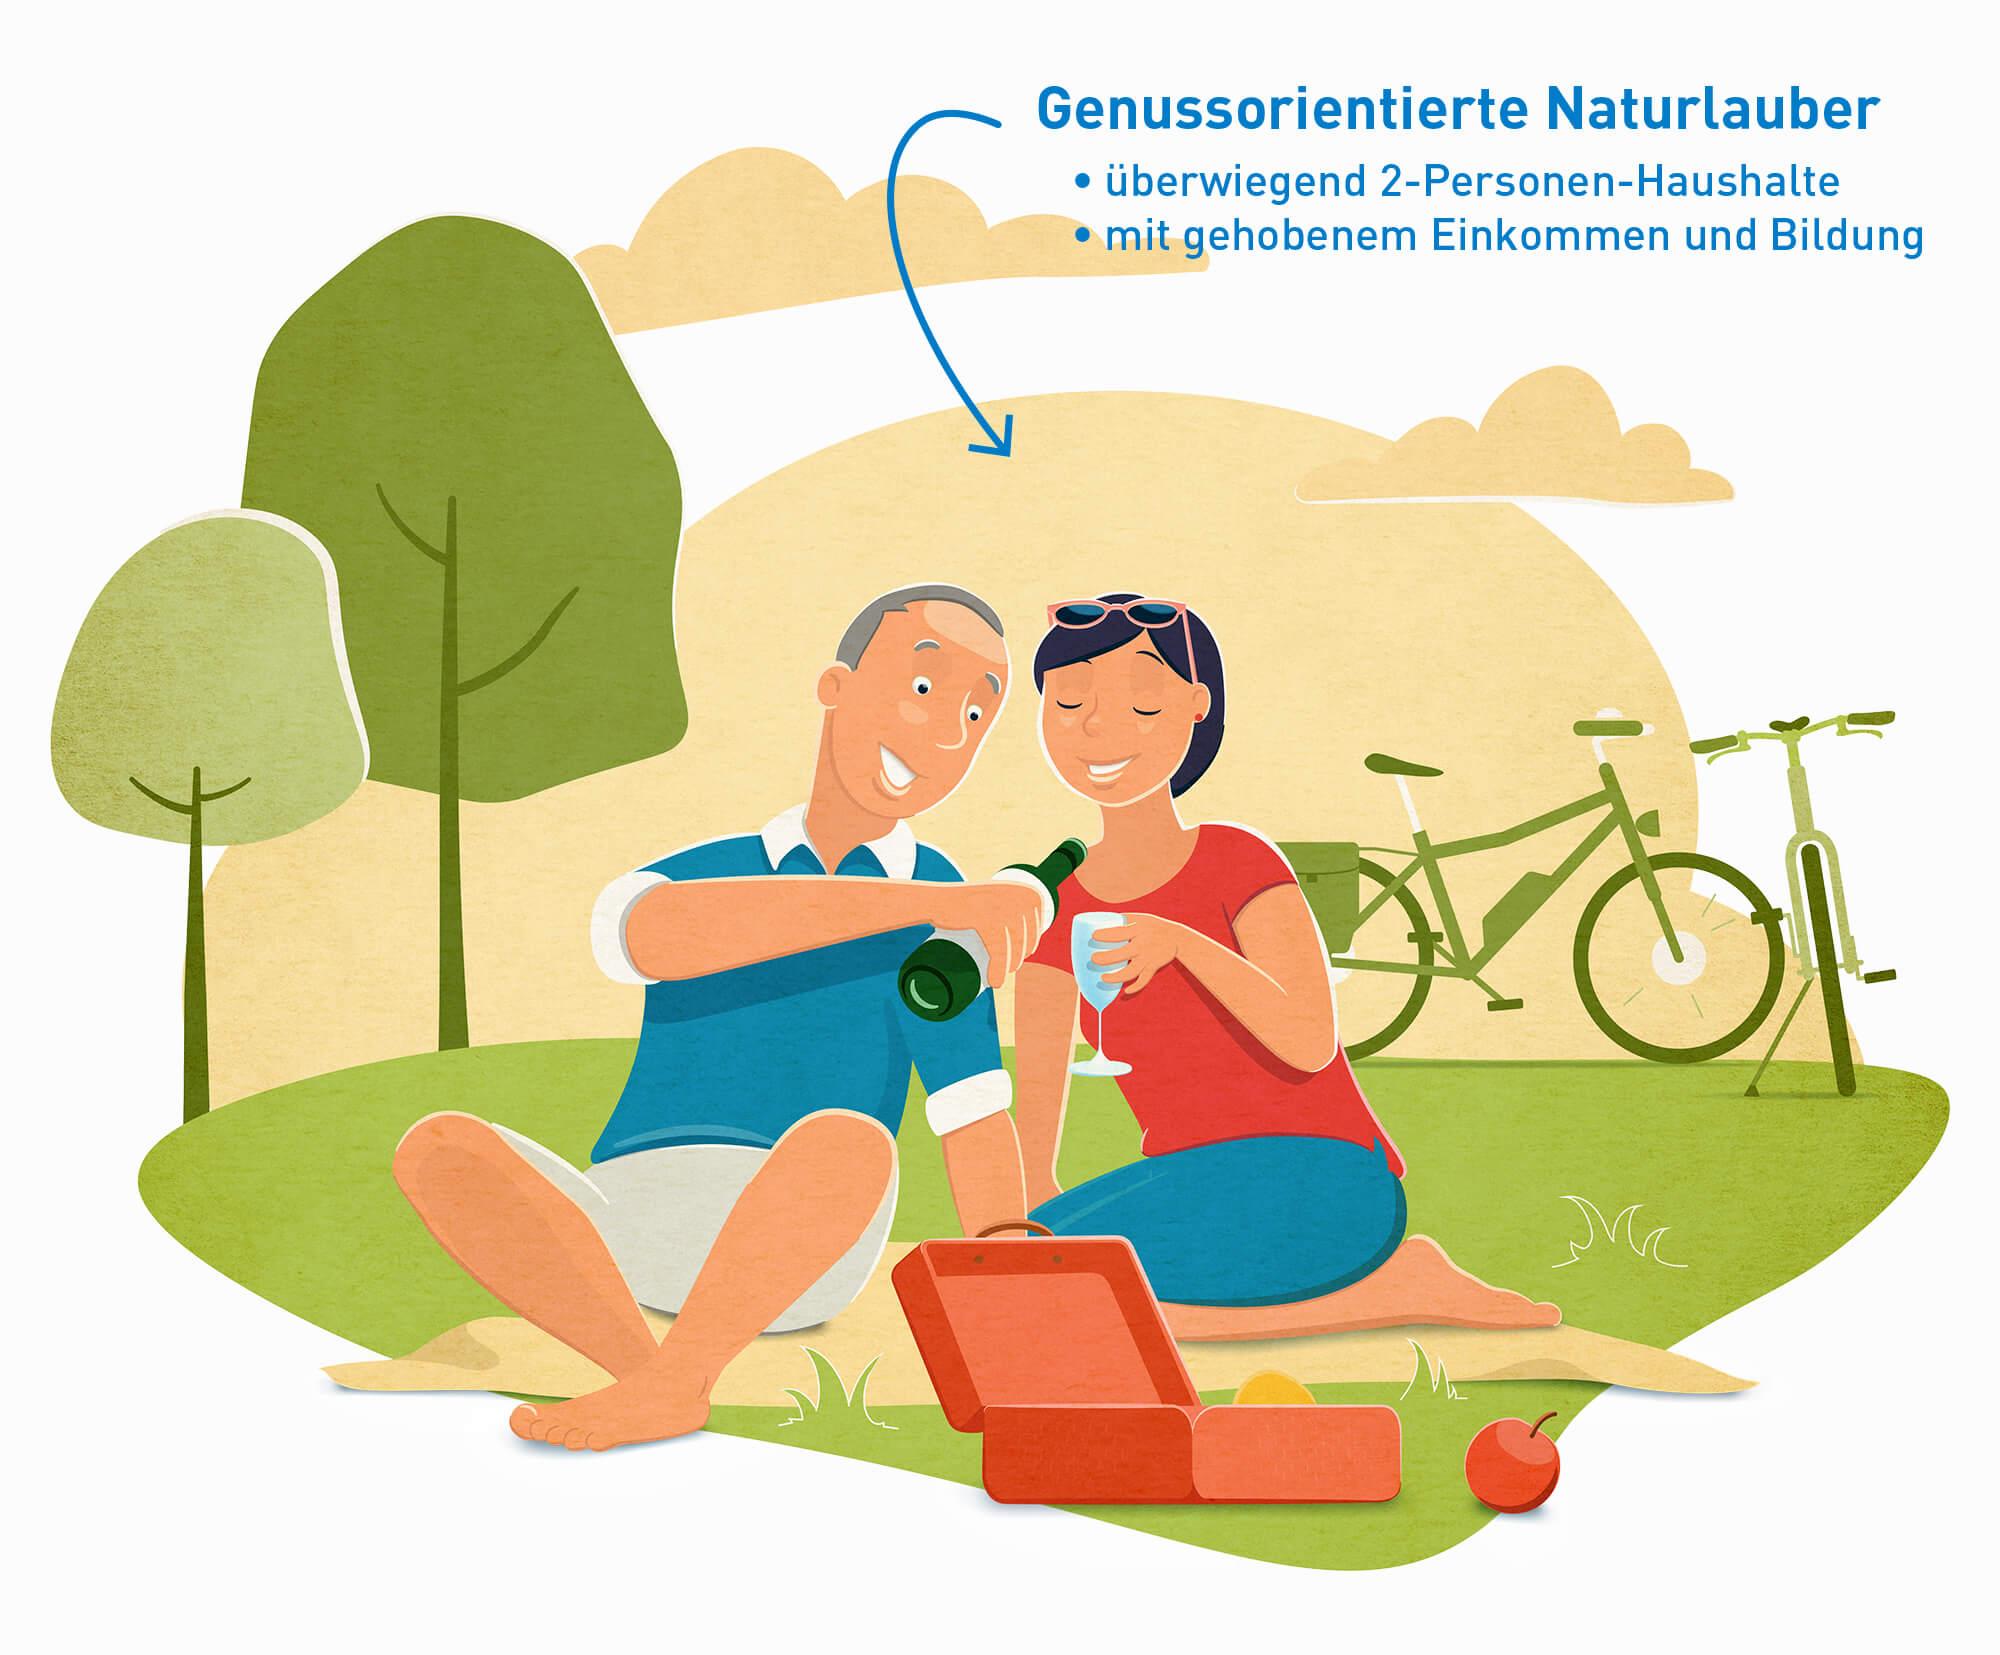 """Illustration der touristischen Zielgruppe """"Genussorientierte Natururlauber"""" bestehen überwiegend aus 2-Personen-Haushalten mit gehobenen Einkommen und Bildung"""